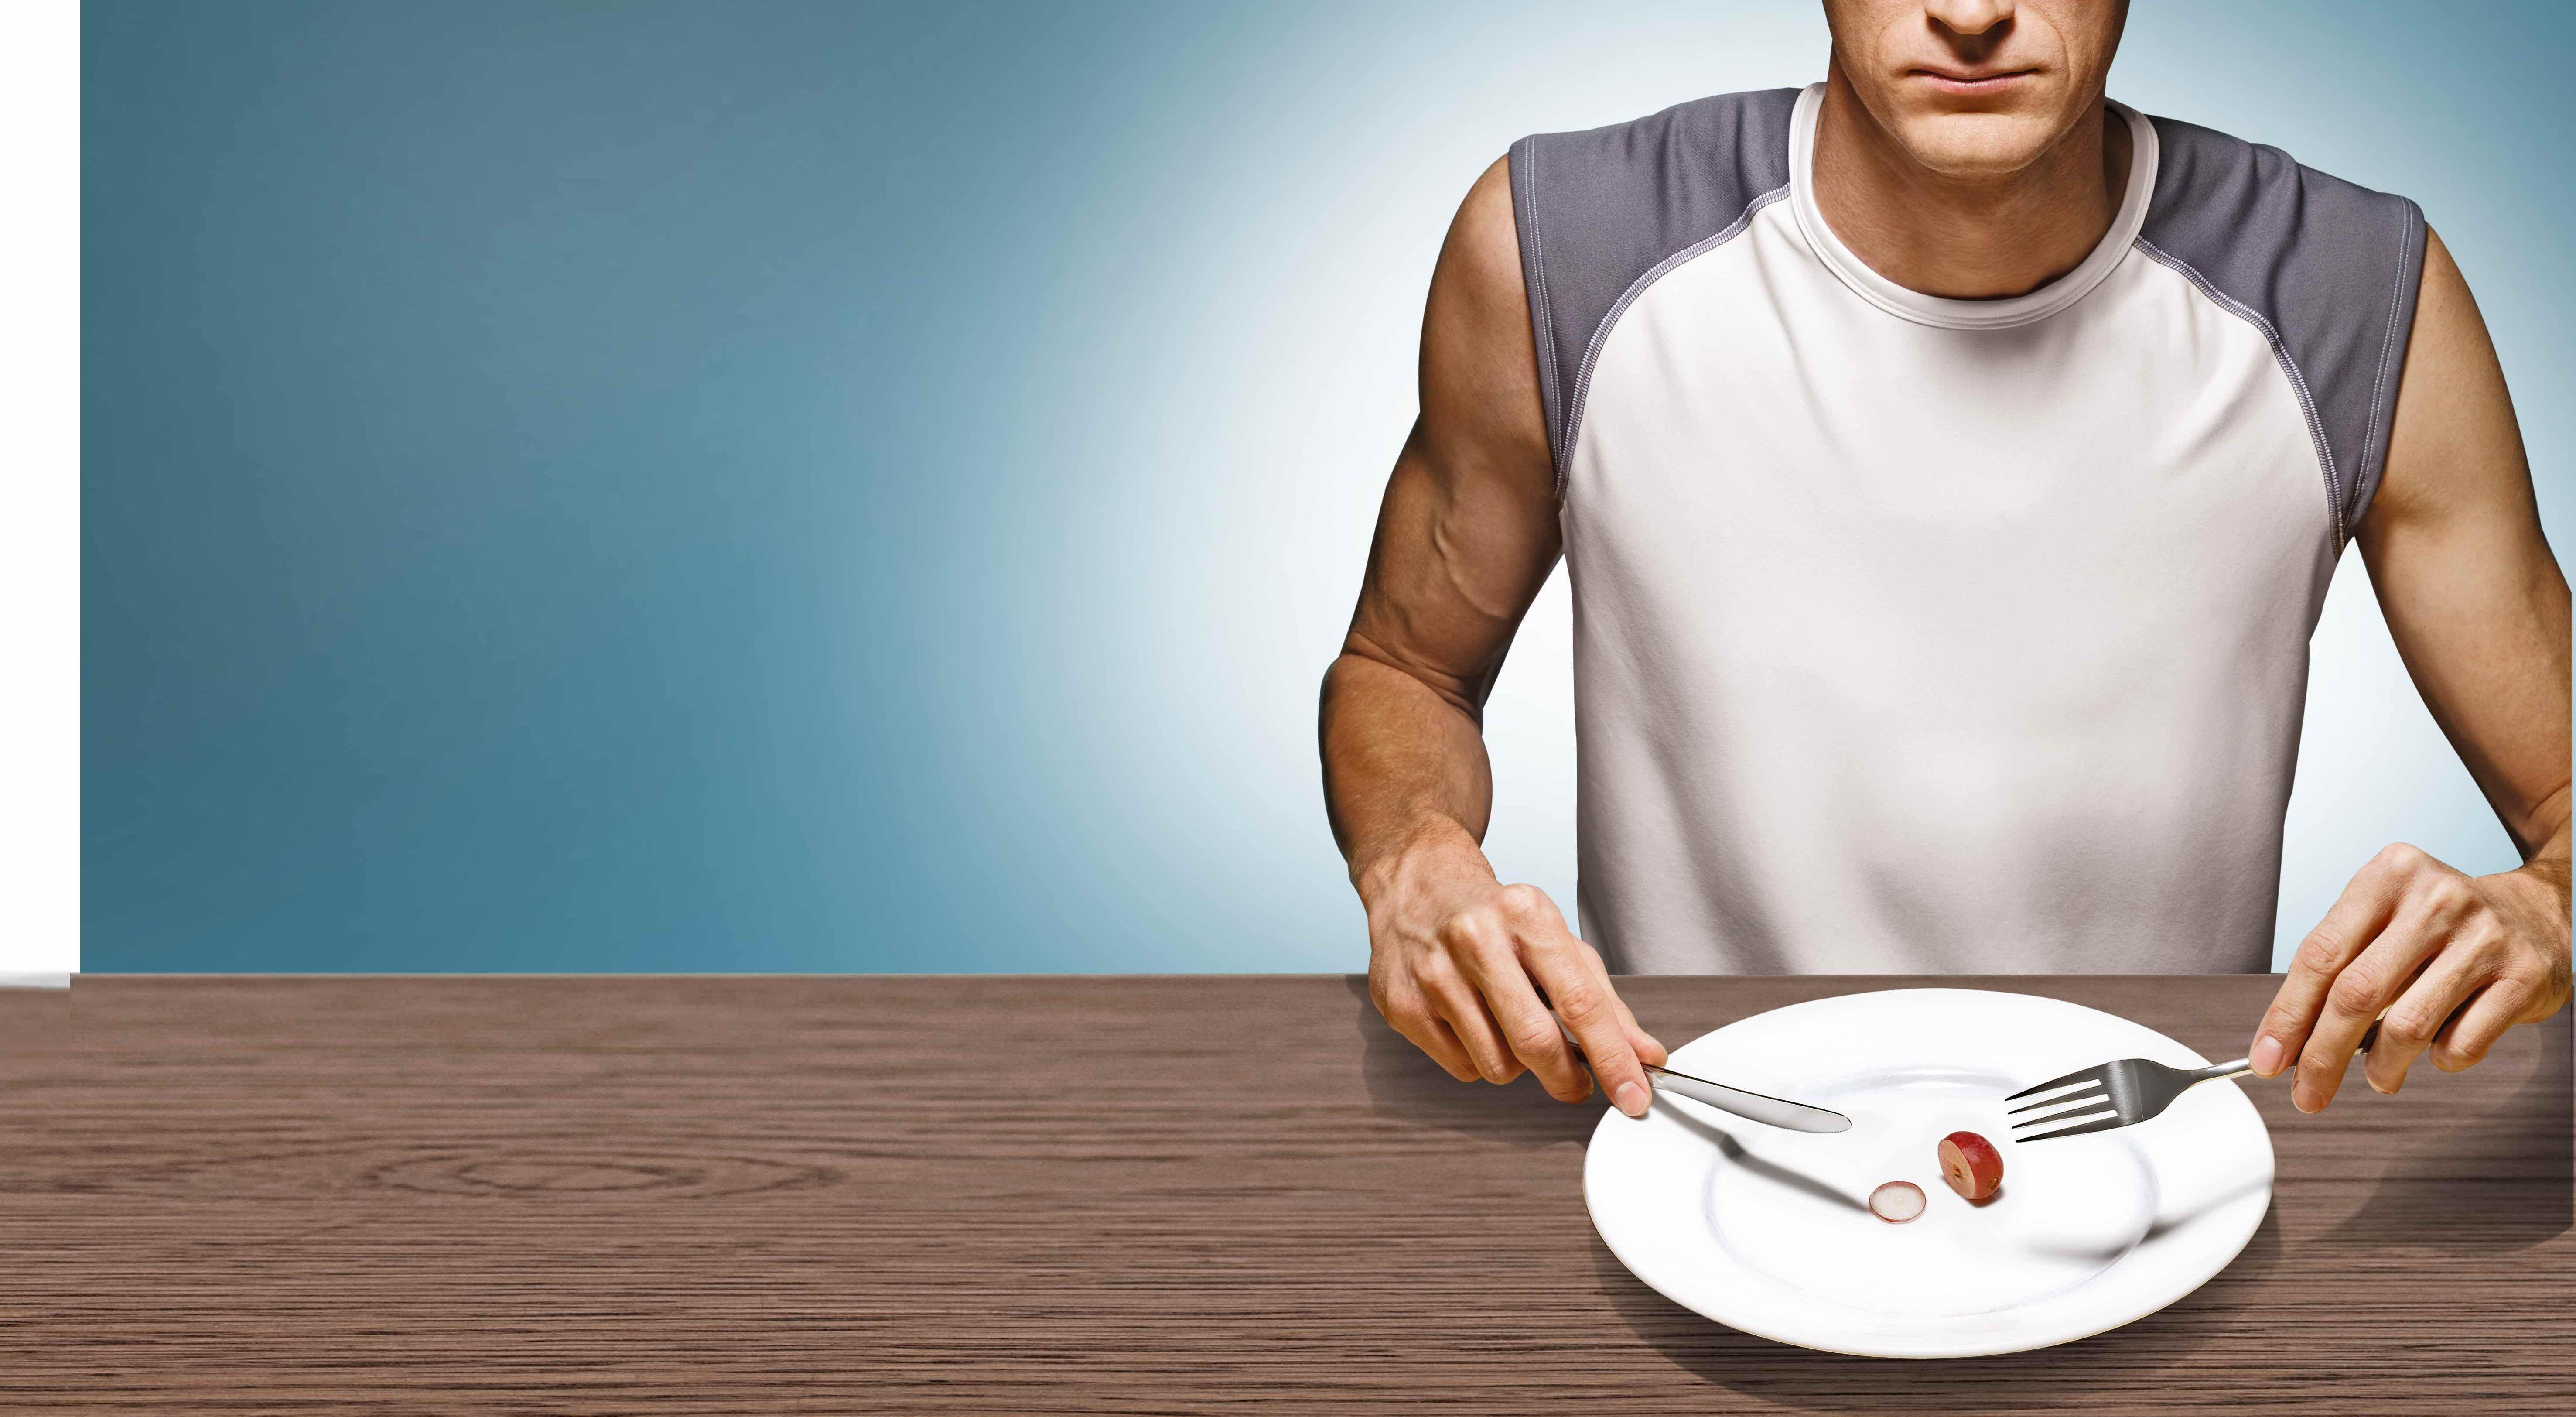 5 astuces pour gérer son alimentation quand on court